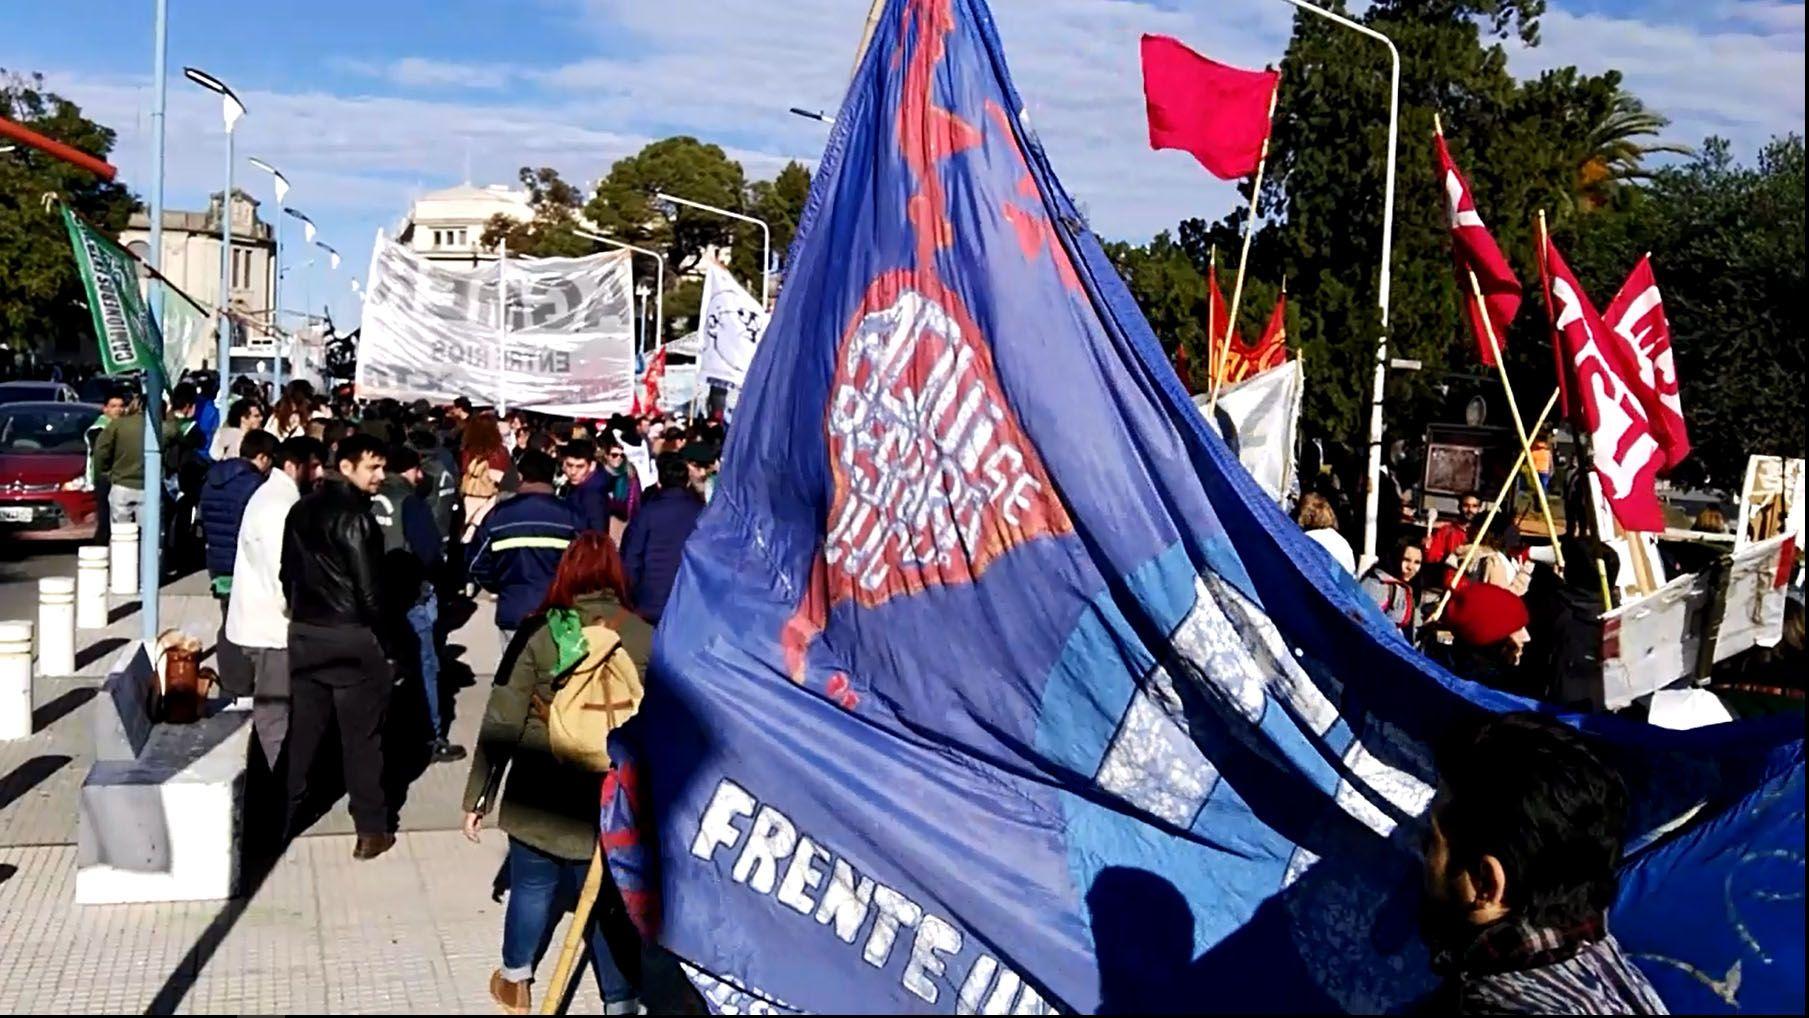 La bandera del Frente Universitario llegando a la movilización.